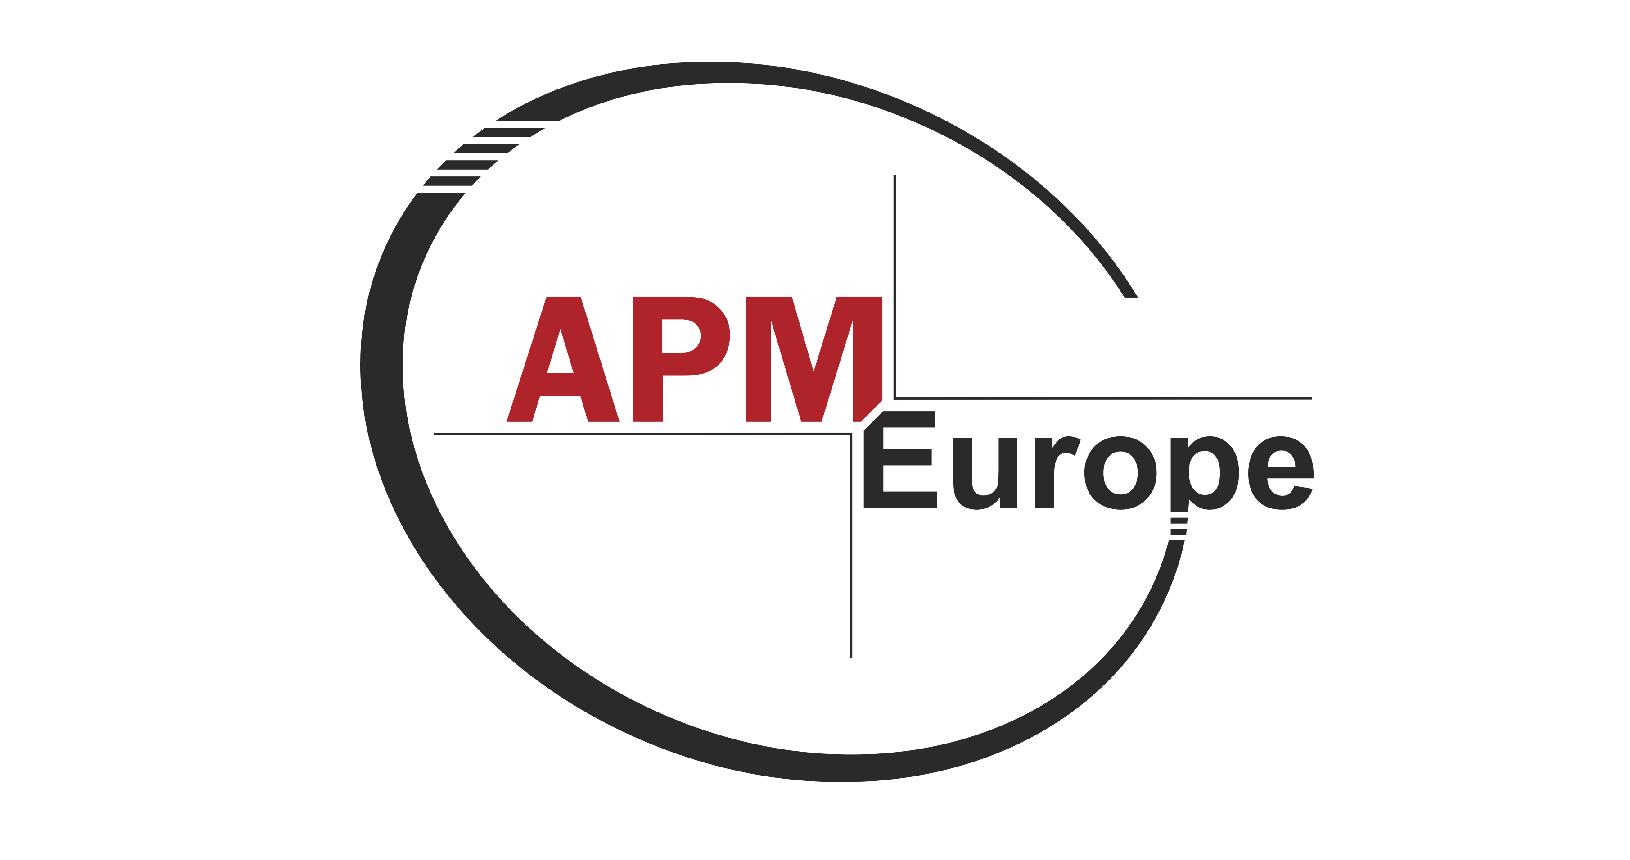 APM Europe Sp. z o.o.